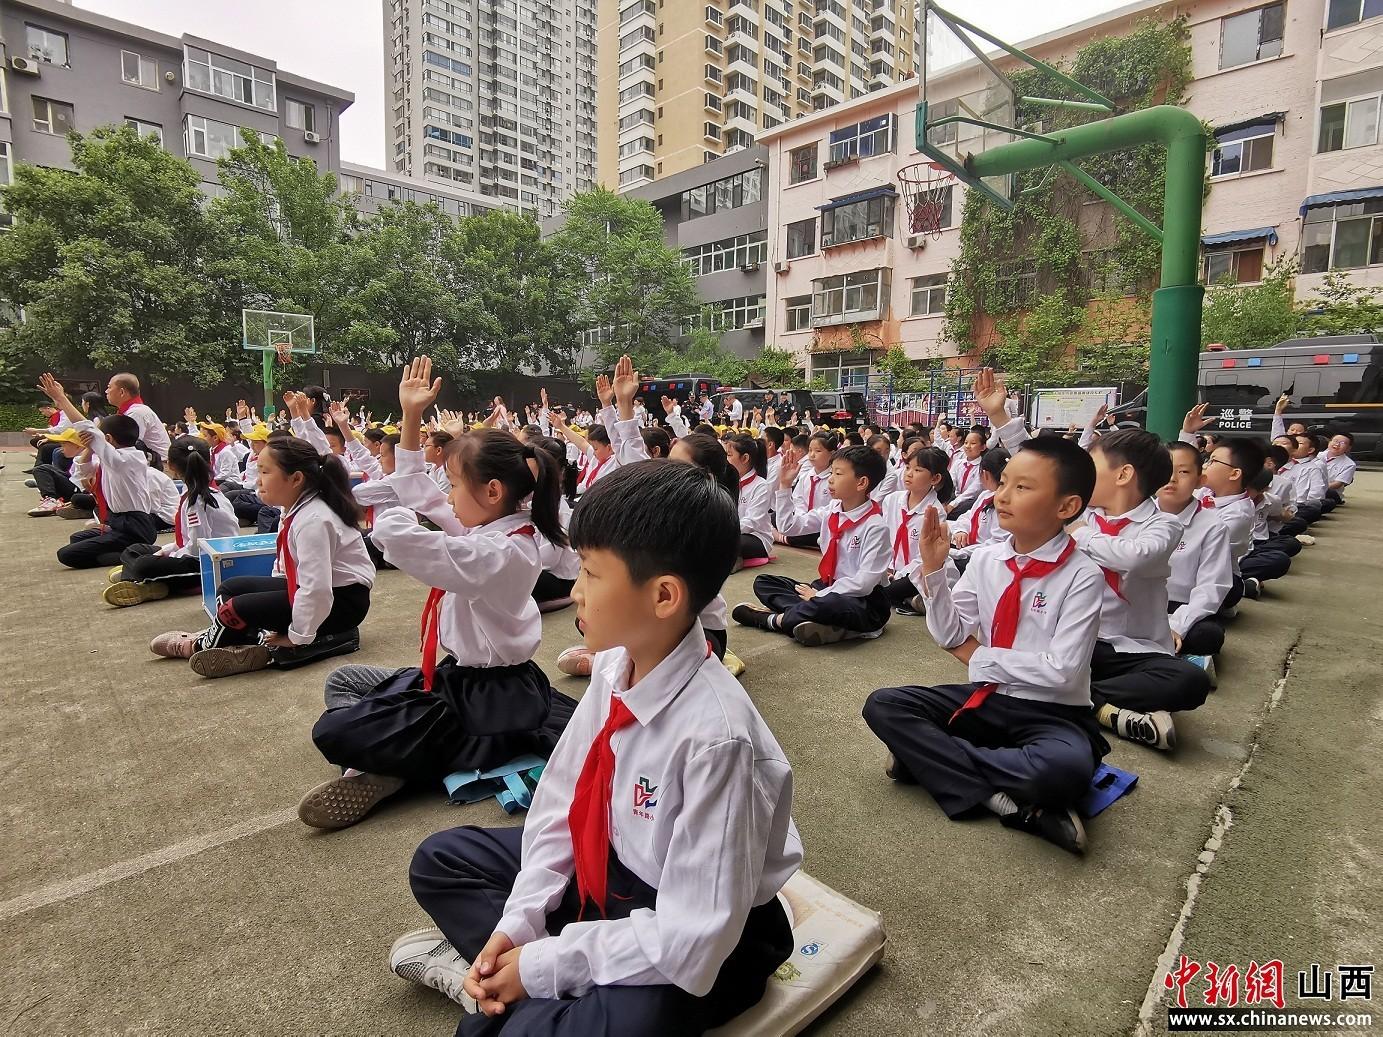 """别样的安全教育体验  太原市青年路小学举行""""巡警进校园""""活动"""